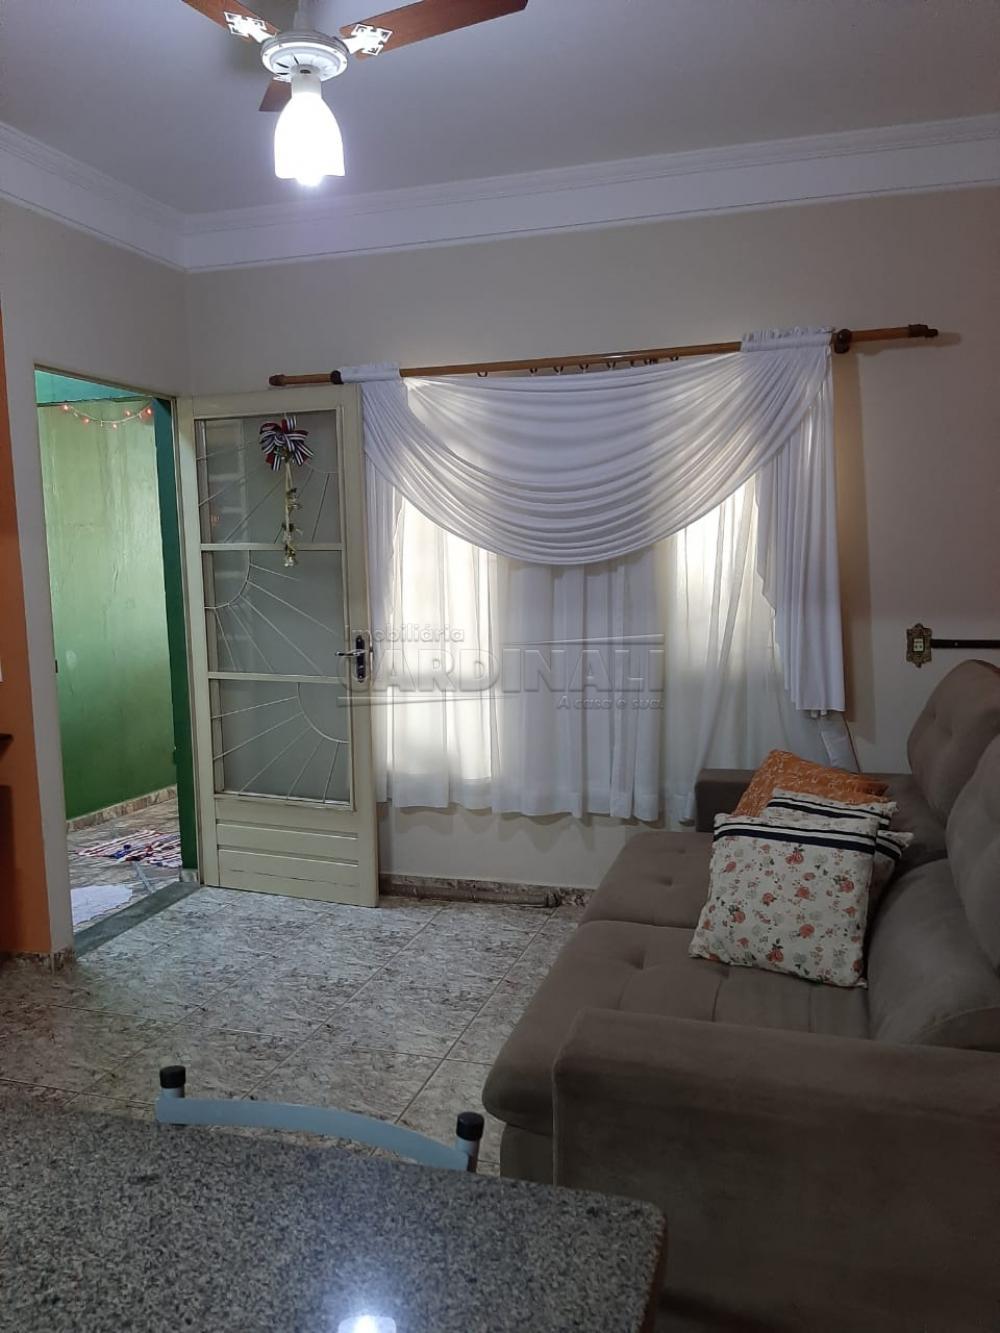 Comprar Casa / Padrão em São Carlos R$ 373.000,00 - Foto 8